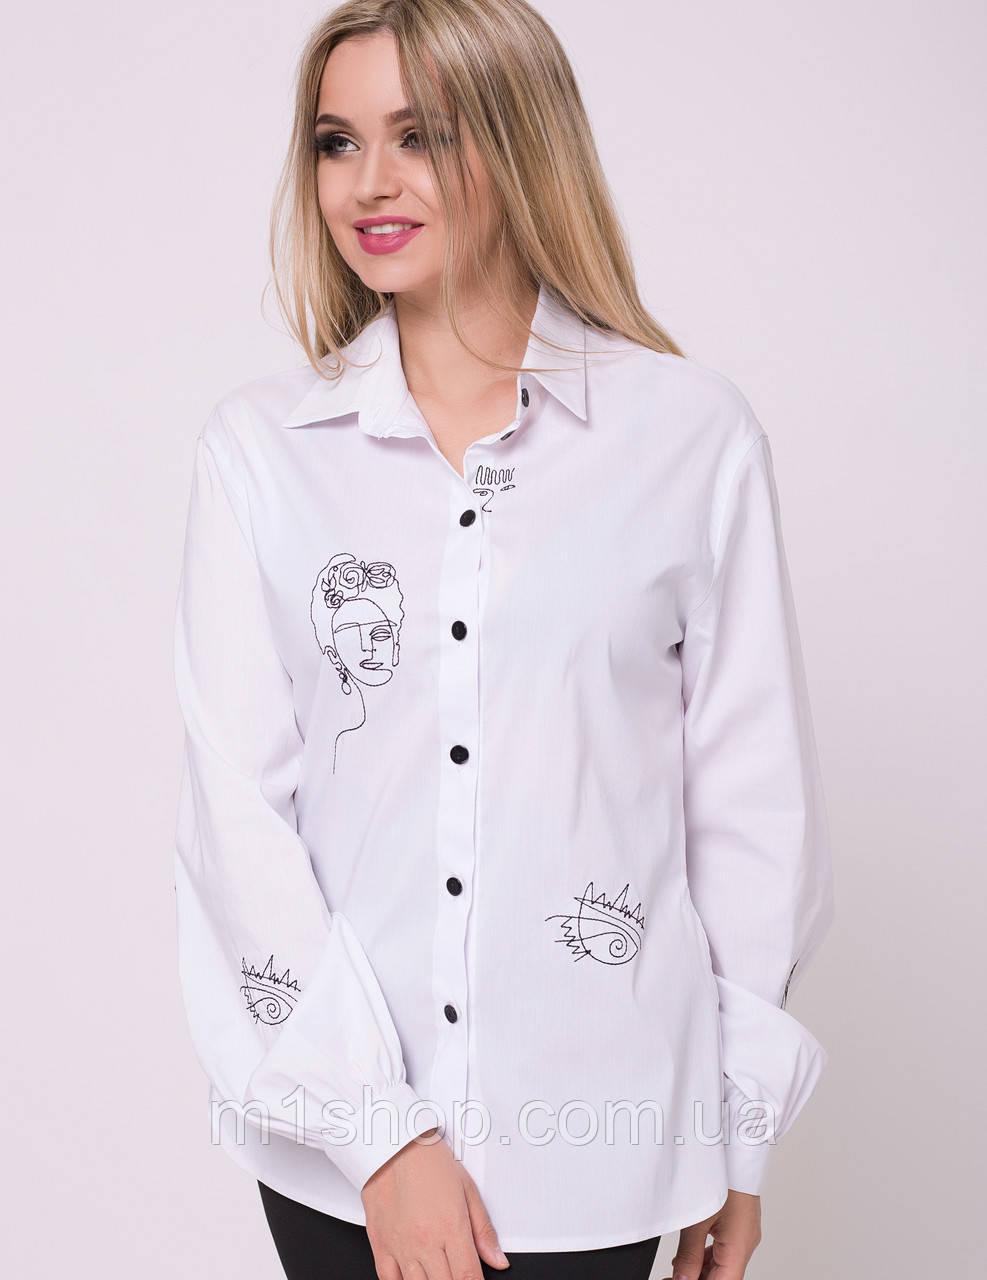 Женская белая рубашка с черной вышивкой (Помпея lzn)